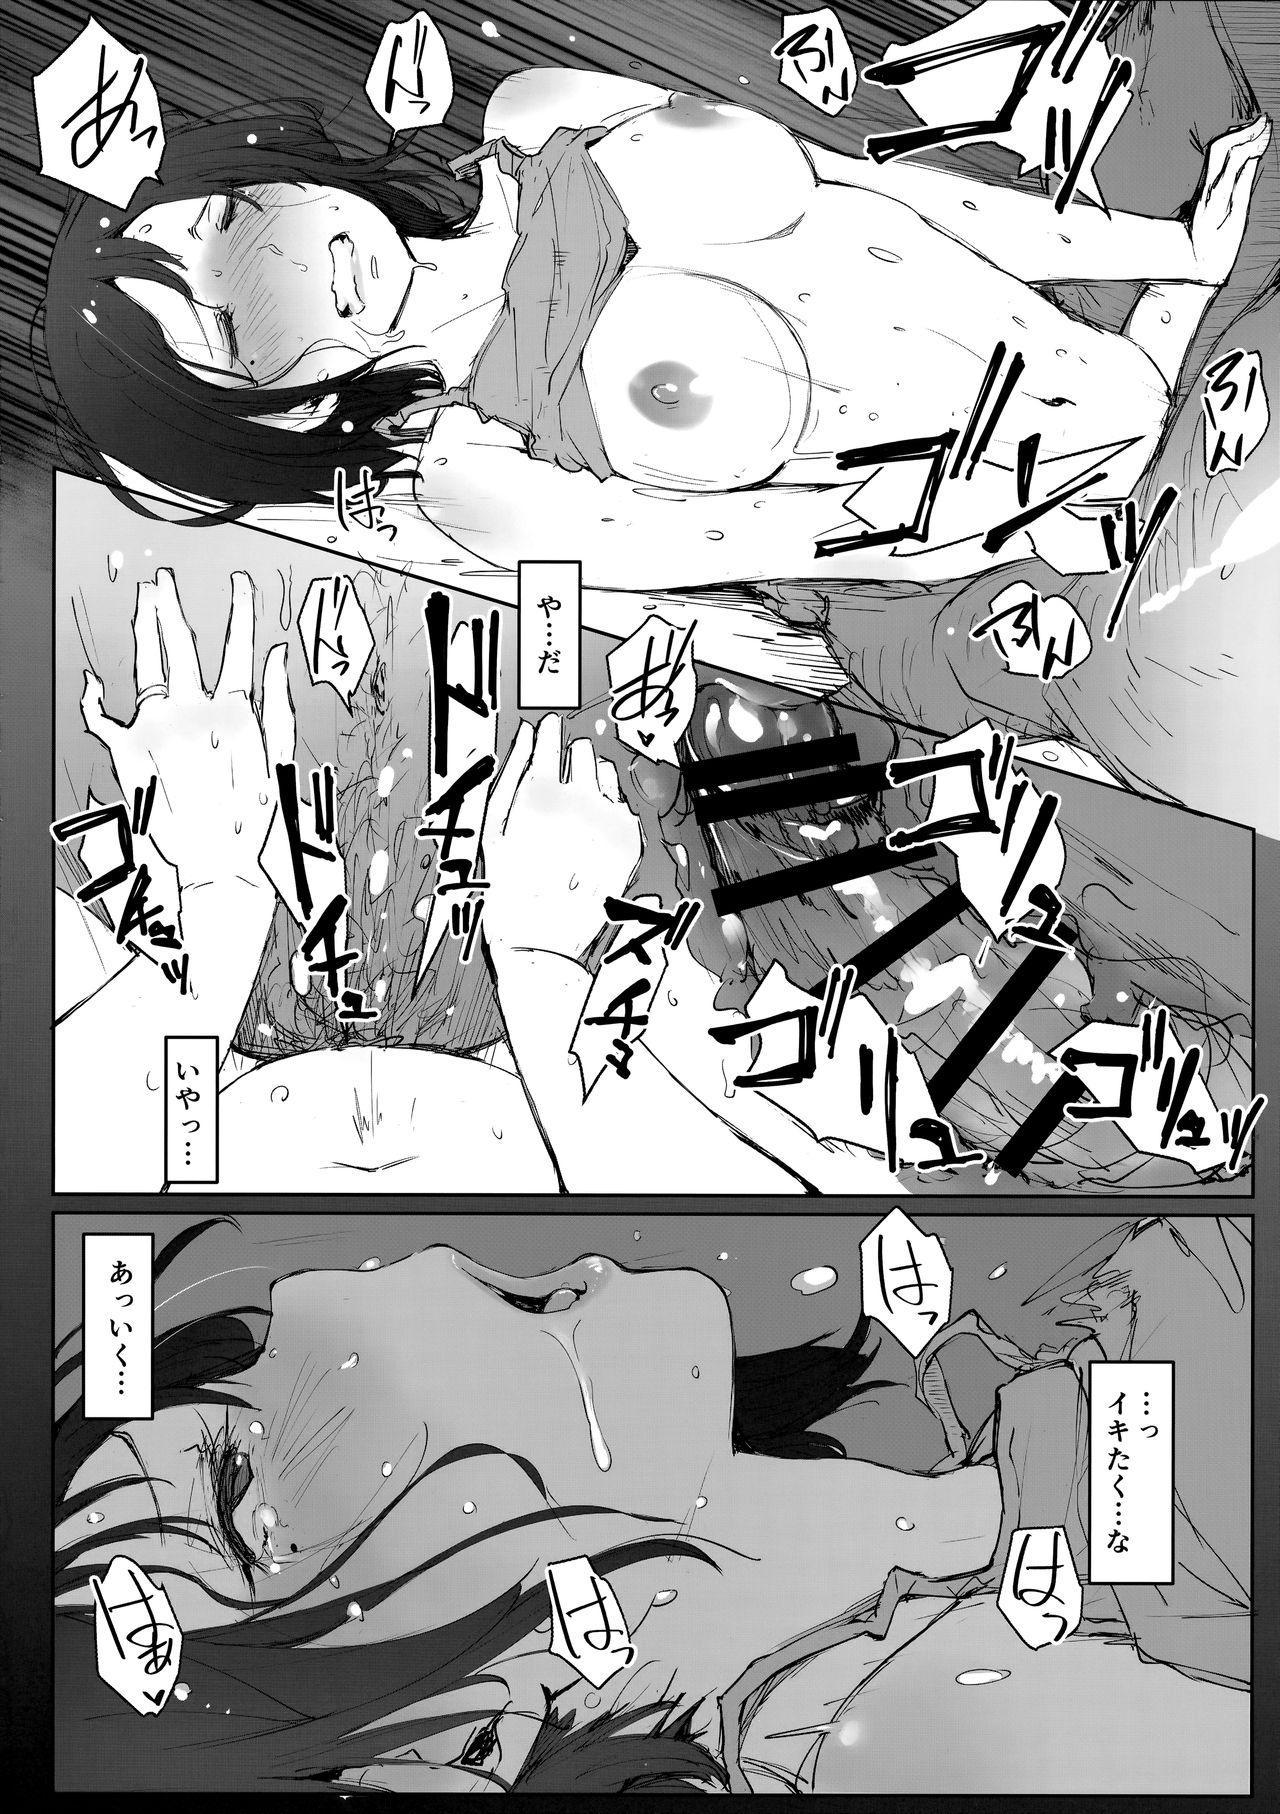 Tsuma no Imouto no Danna ga Ie ni Kiteiruyoudesu. 11